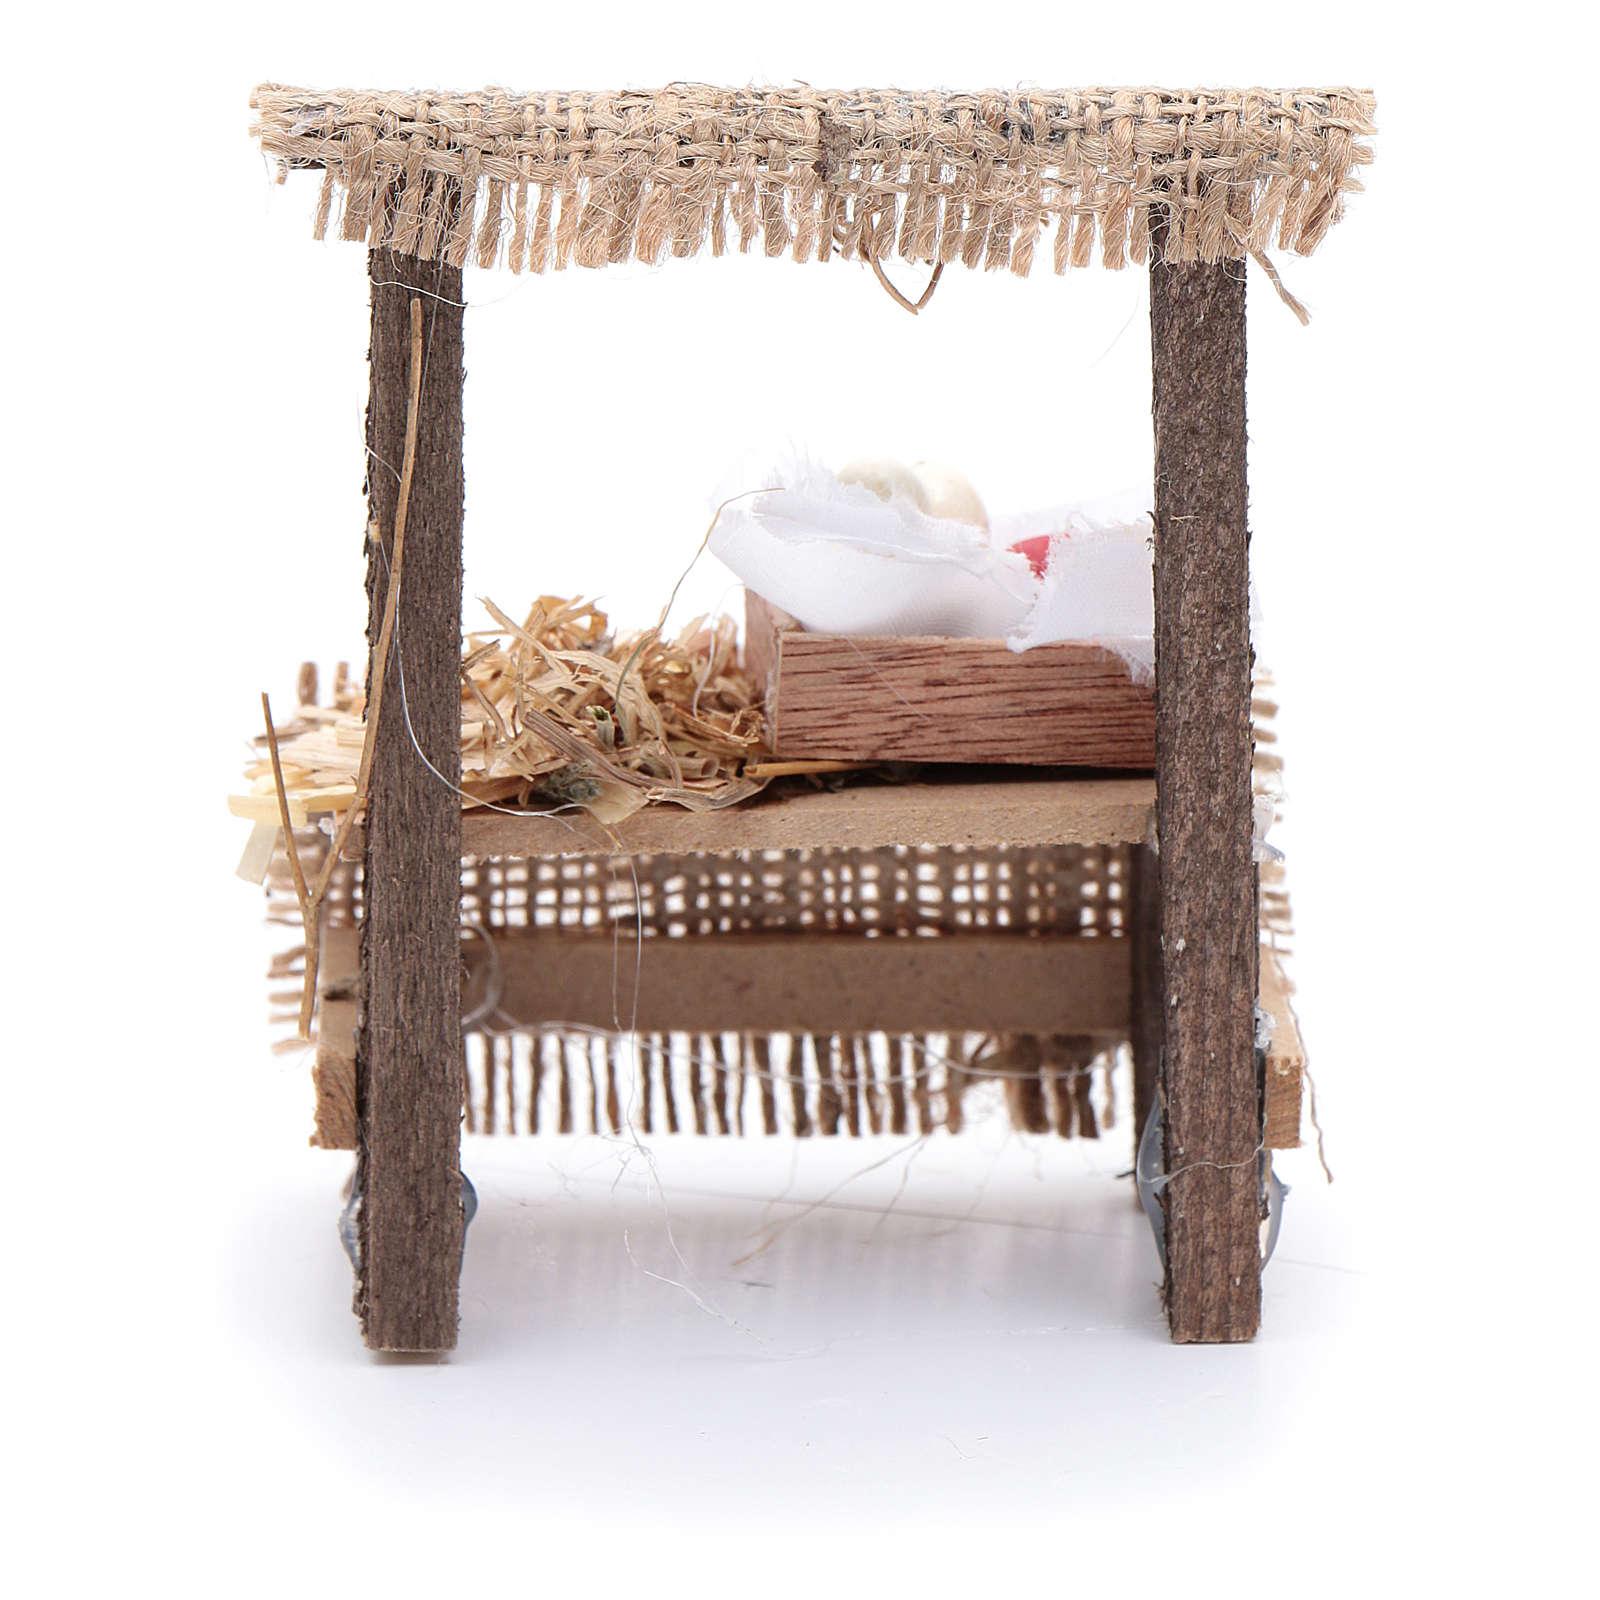 Banchetto presepe 10x5x5 cm con cassettina in legno 4